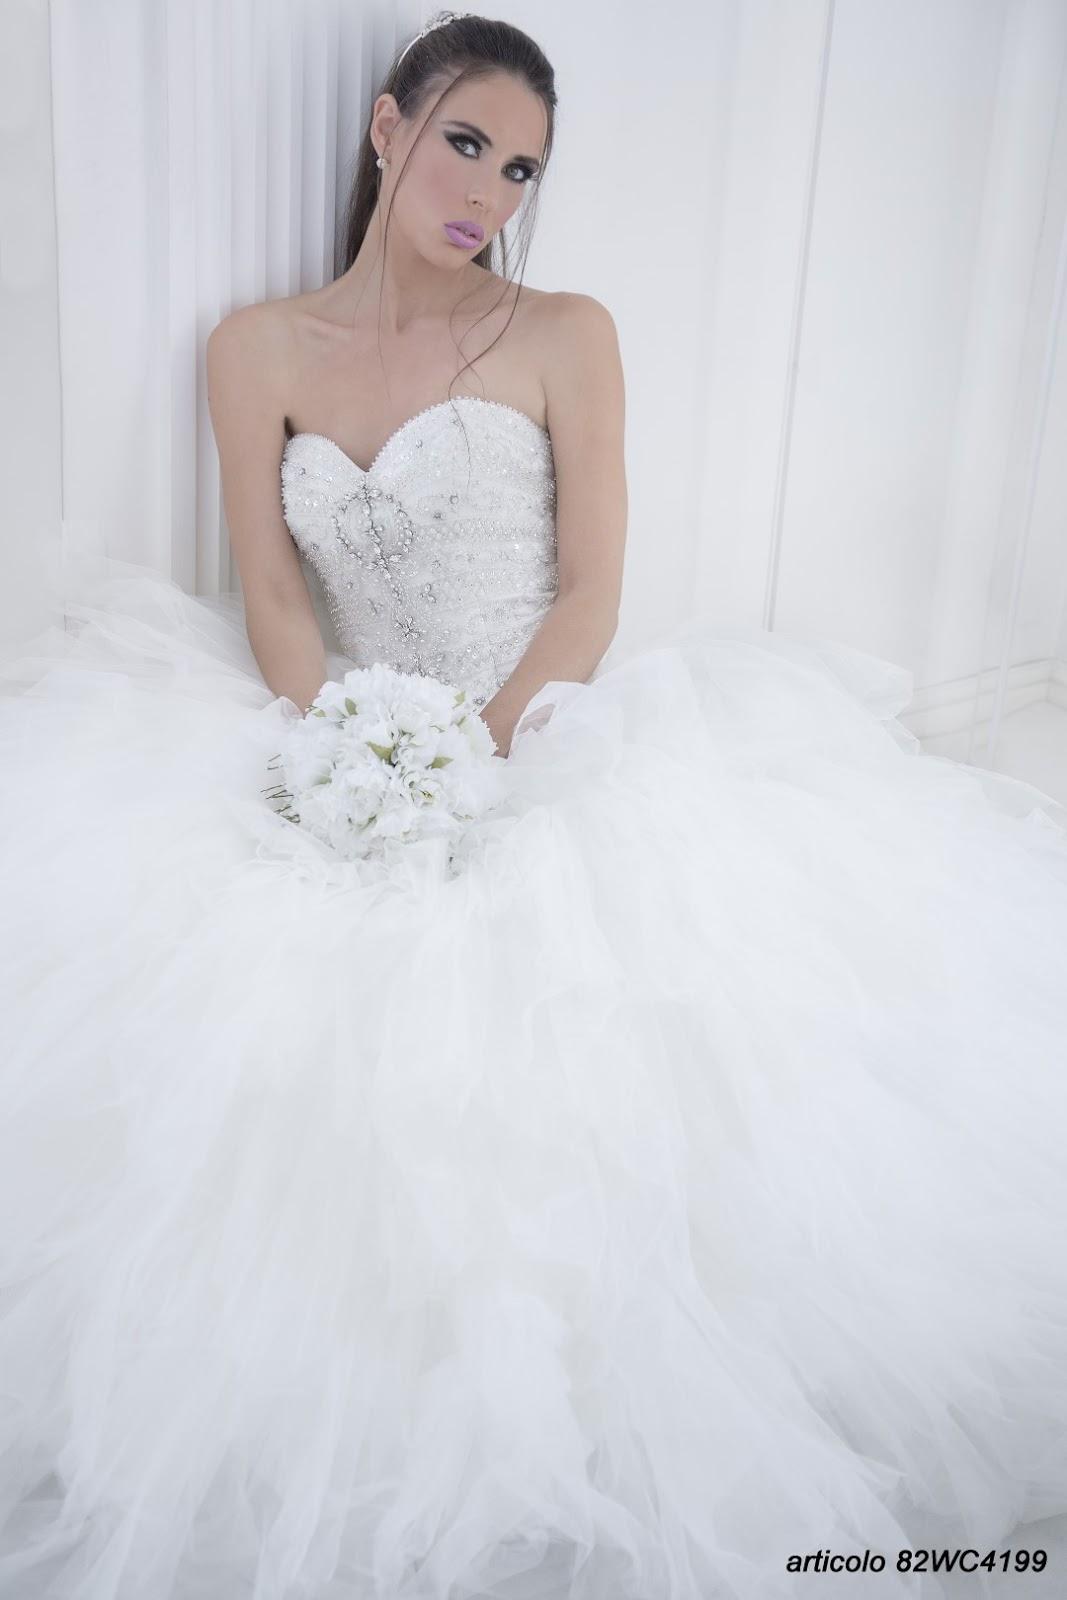 d3e9edfffe1b Quando ho letto sulla pagina facebook di Paola D onofrio avrebbe  organizzato un open day outlet sposa a settembre